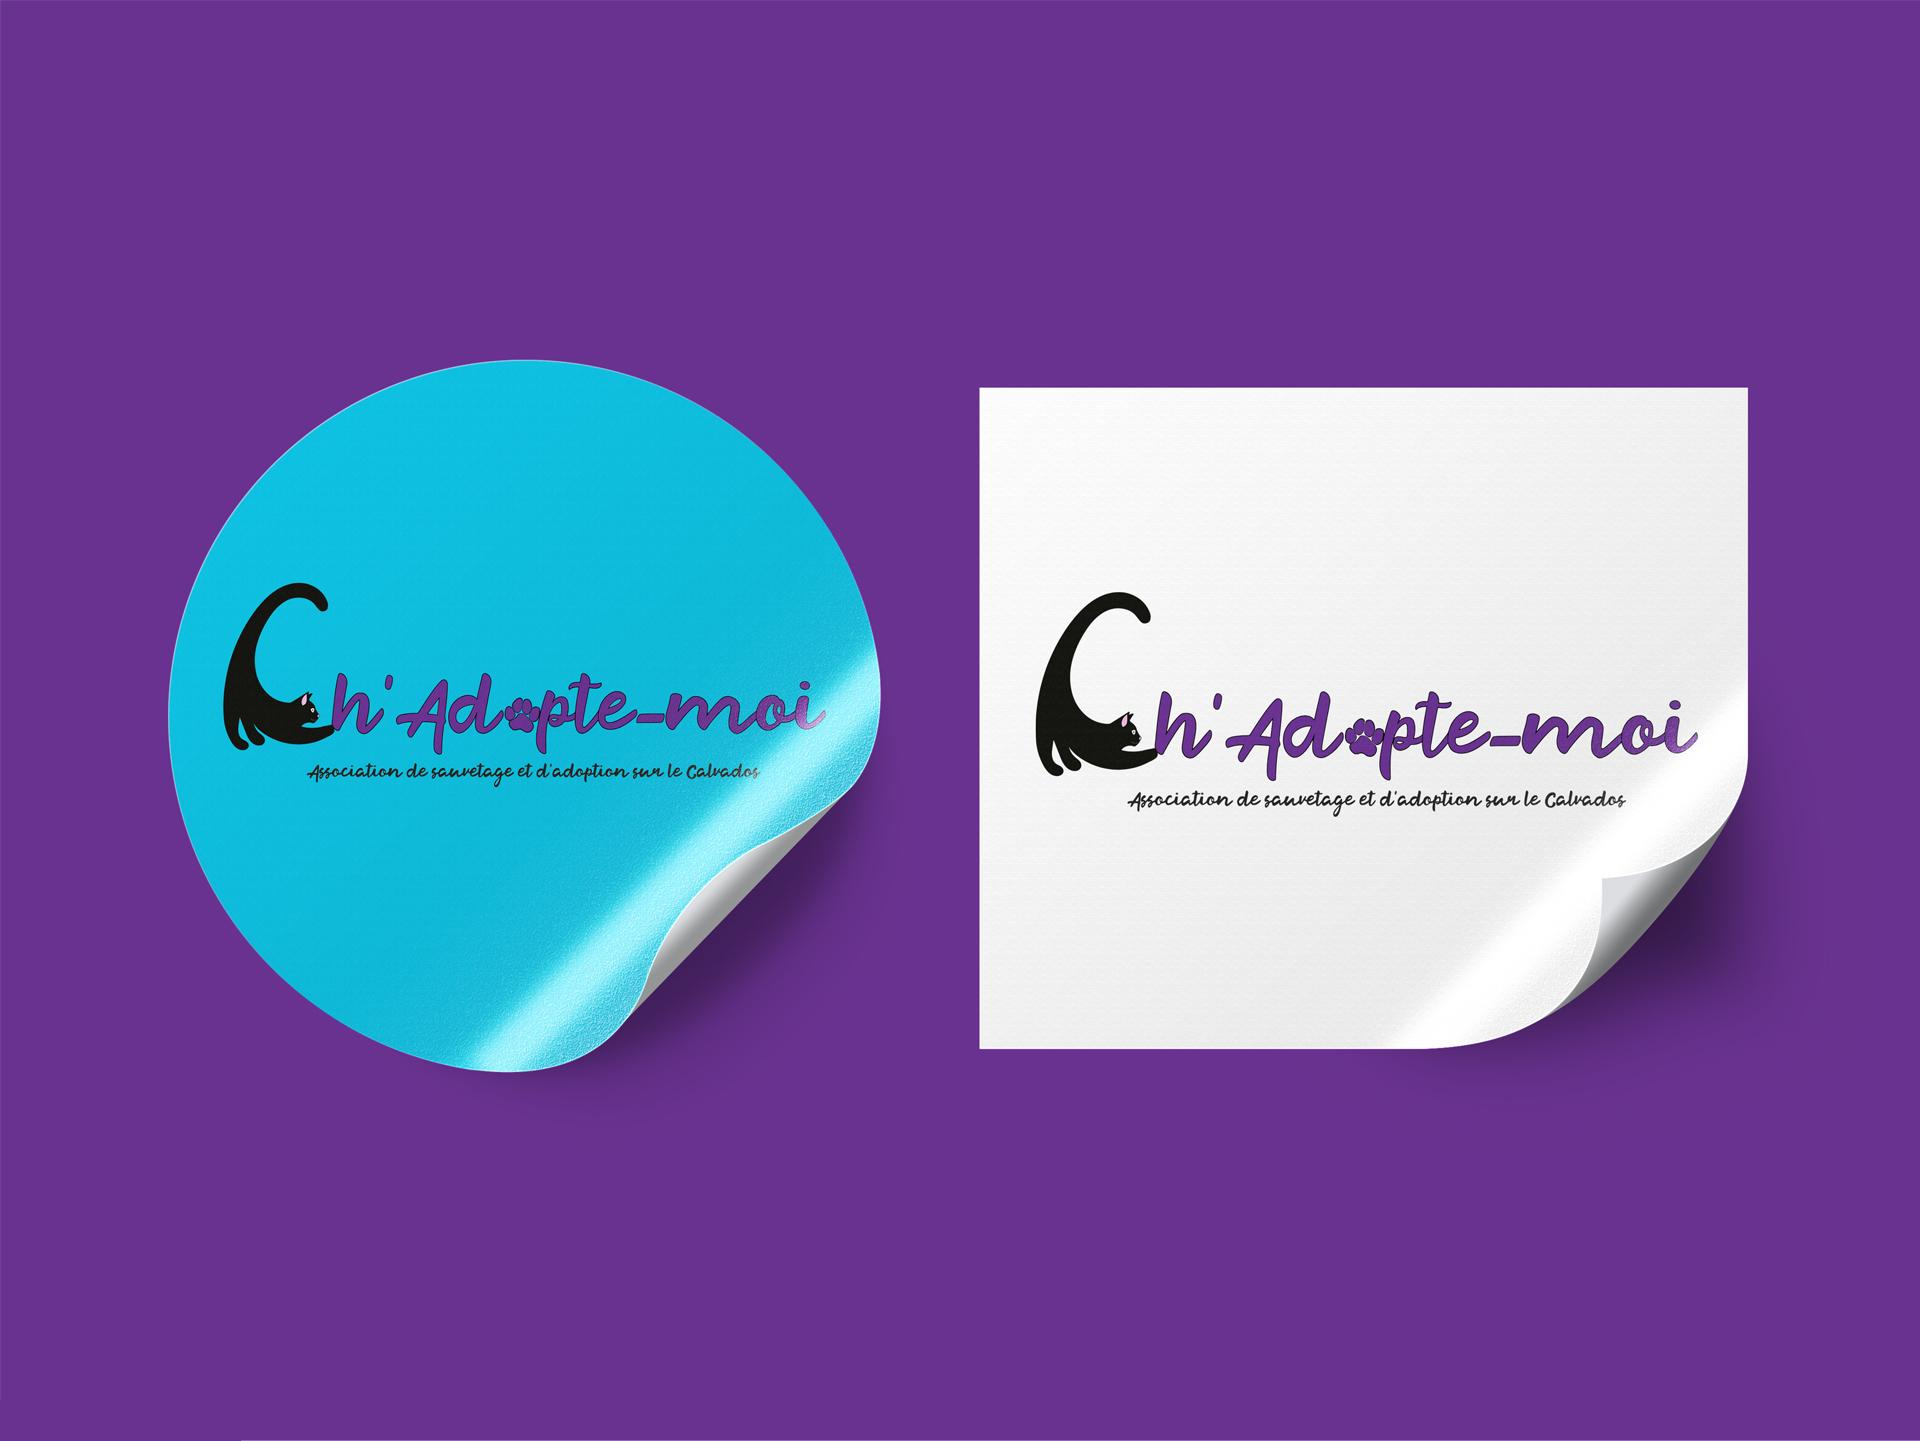 logo association ch'adopte moi